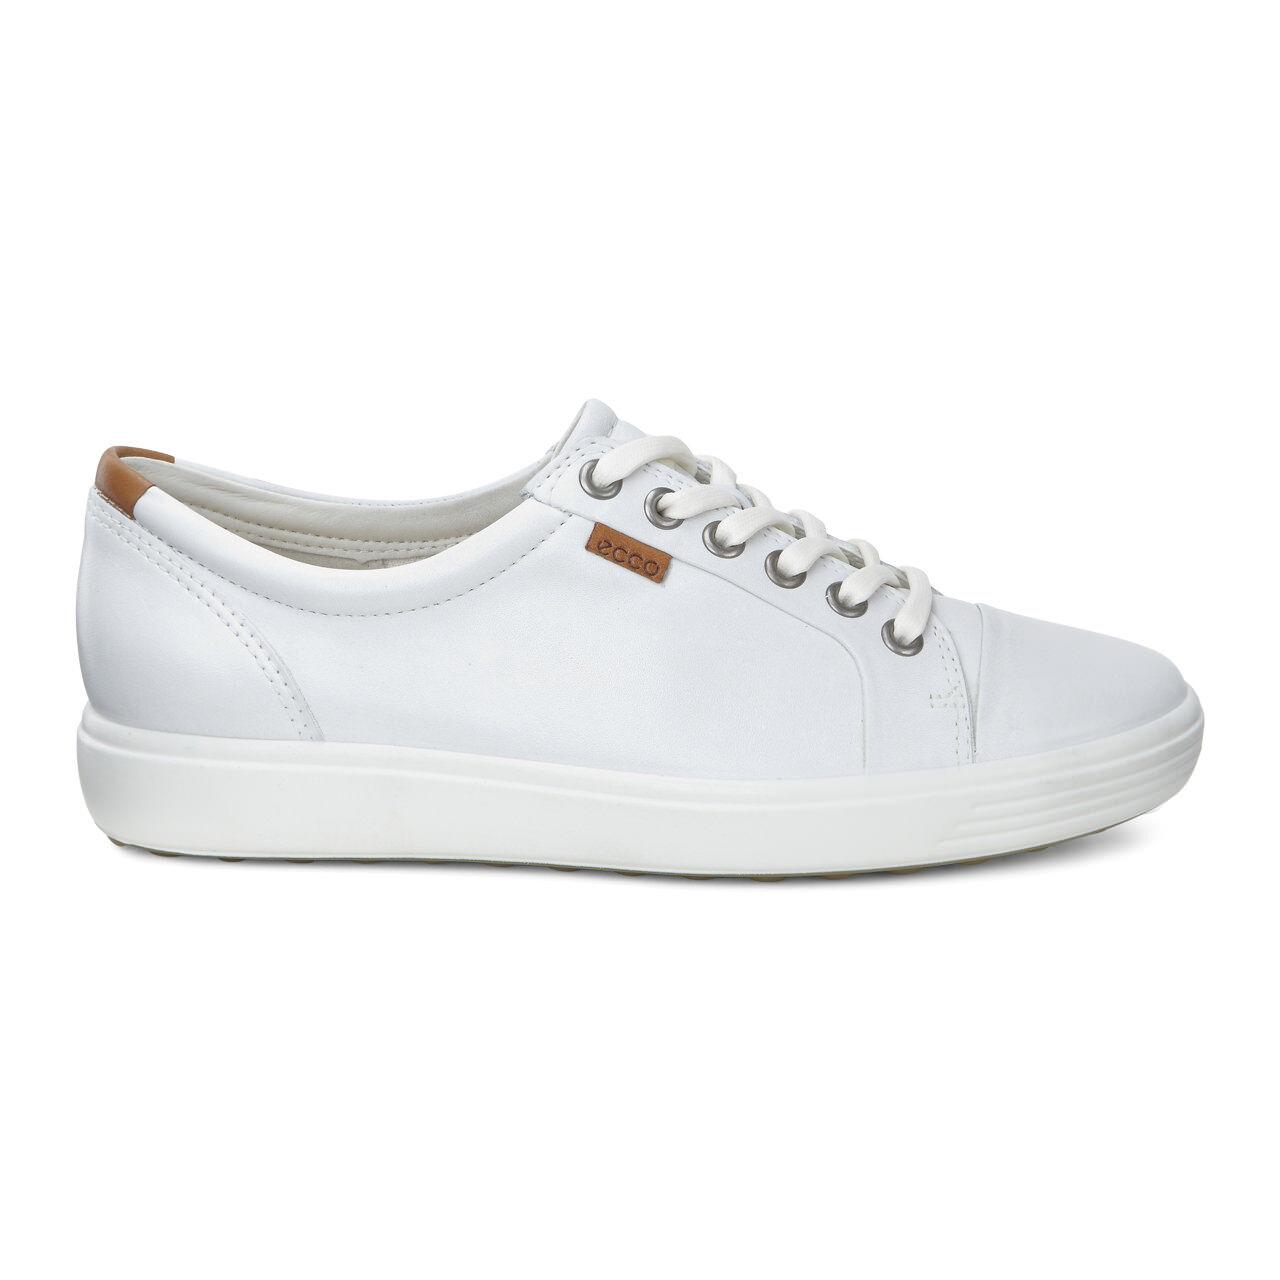 Womens Slip On Sneakers On Sale